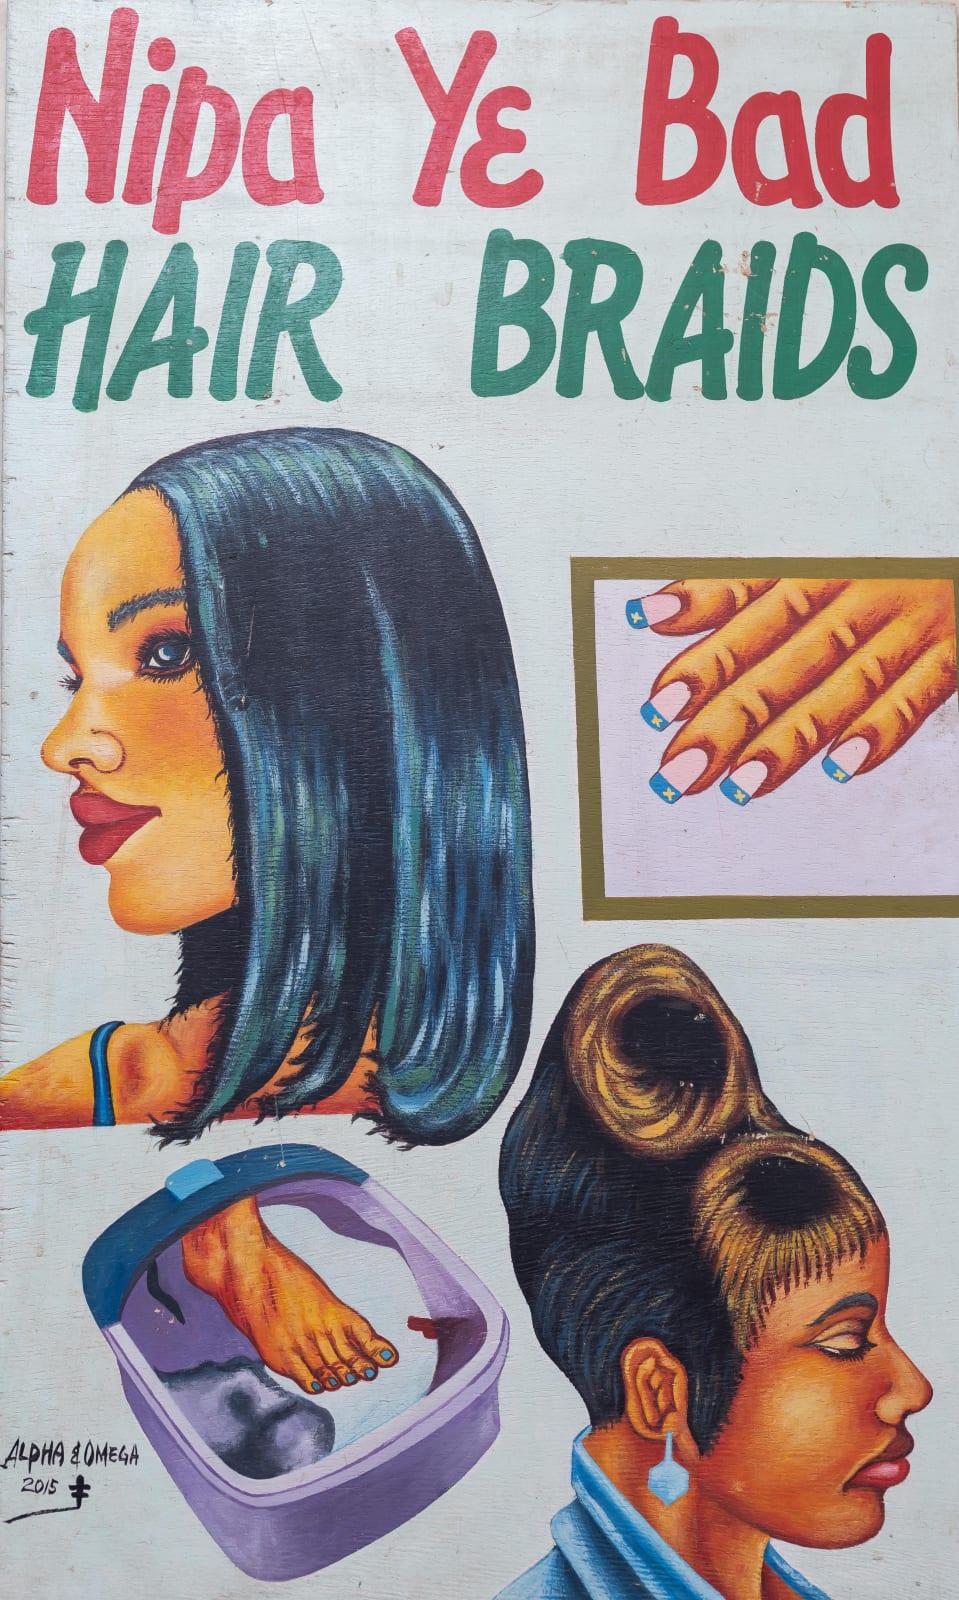 Nipa Y3 Bad Hair Braids 101 x 61.5 cm